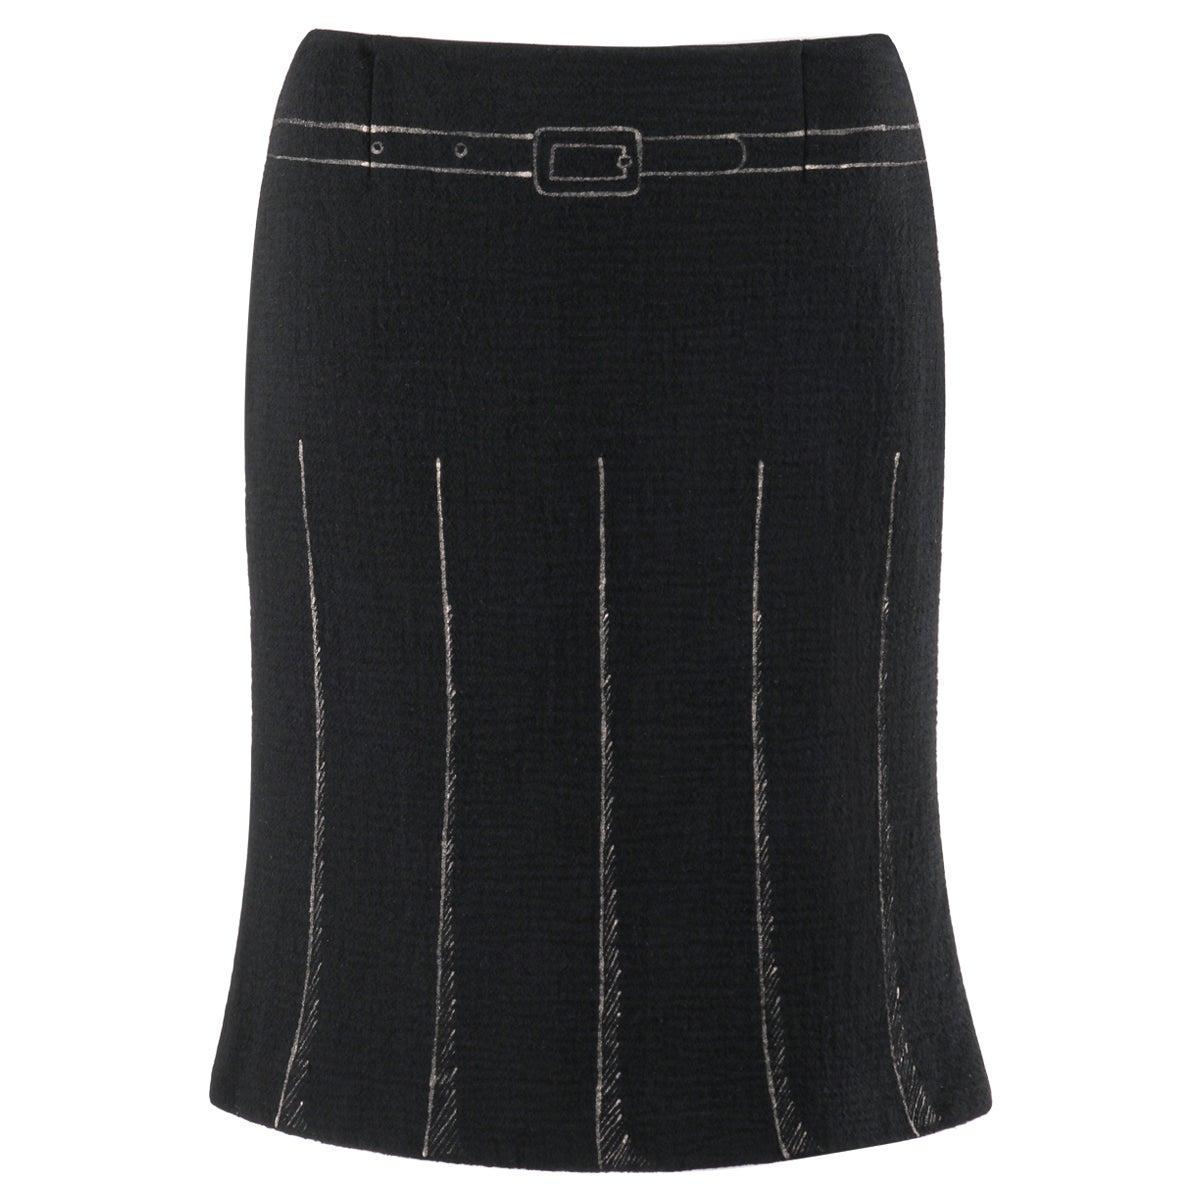 MOSCHINO c. 1990's Trompe L'oeil Black Metallic Belt Pleated Print Sheath Skirt